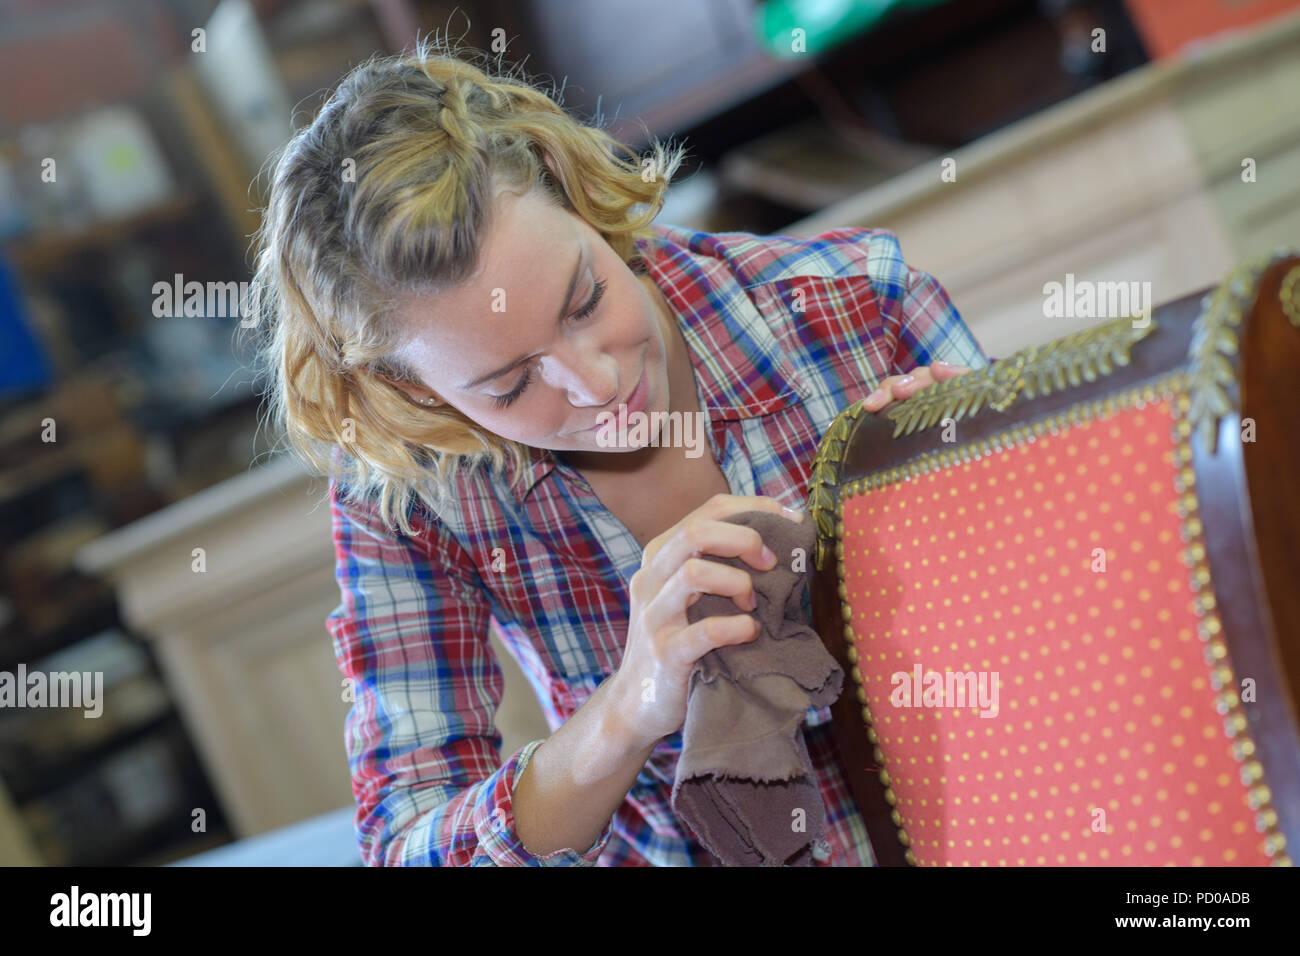 Polsterung womanan Arbeiten in der Werkstatt Stockbild